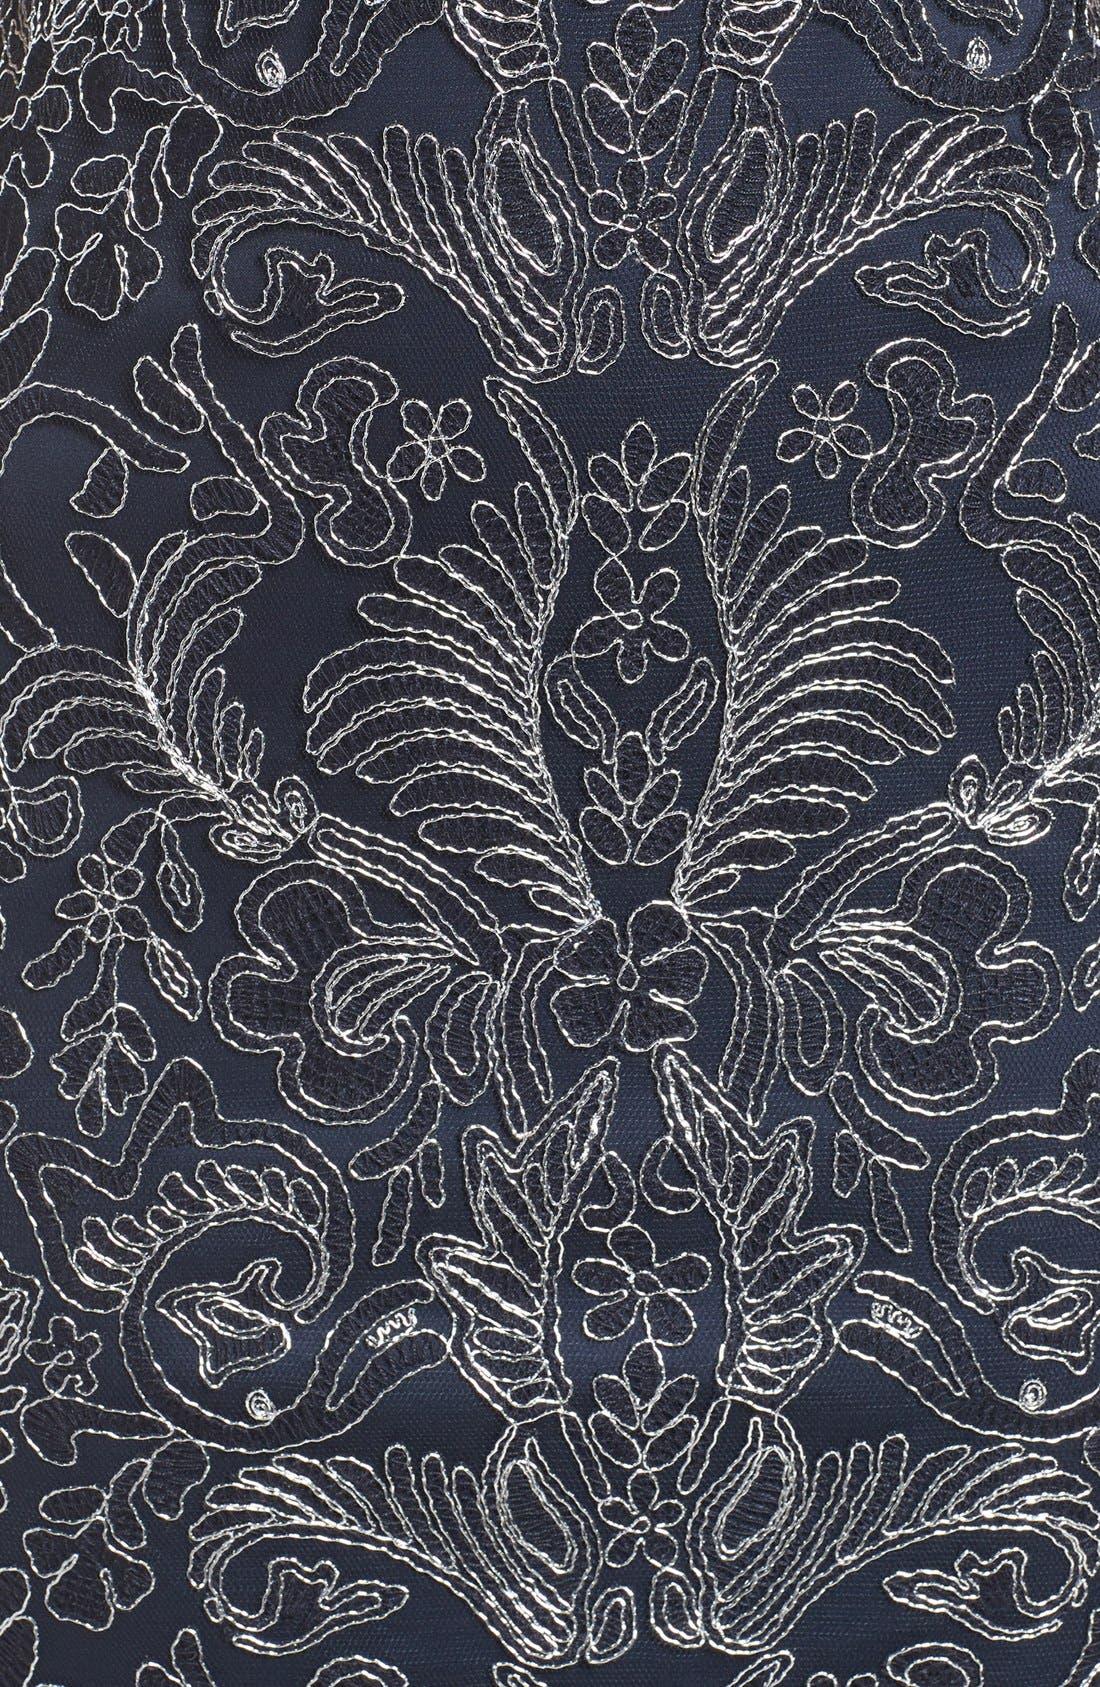 Illusion Yoke Lace Sheath Dress,                             Alternate thumbnail 108, color,